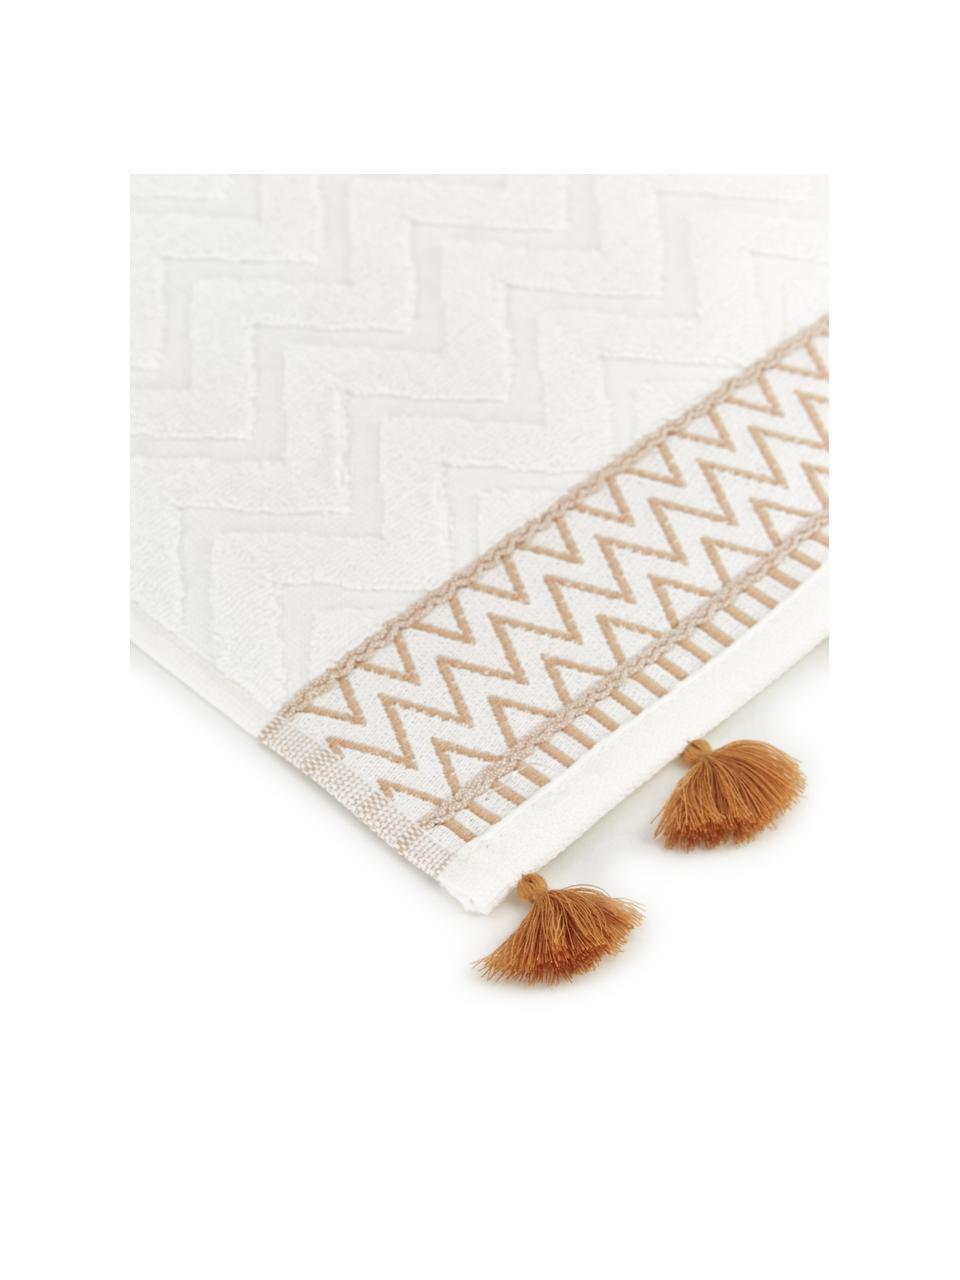 Handtuch Karma in verschiedenen Größen, mit Hoch-Tief-Muster, Weiß, Beige, Gästetuch